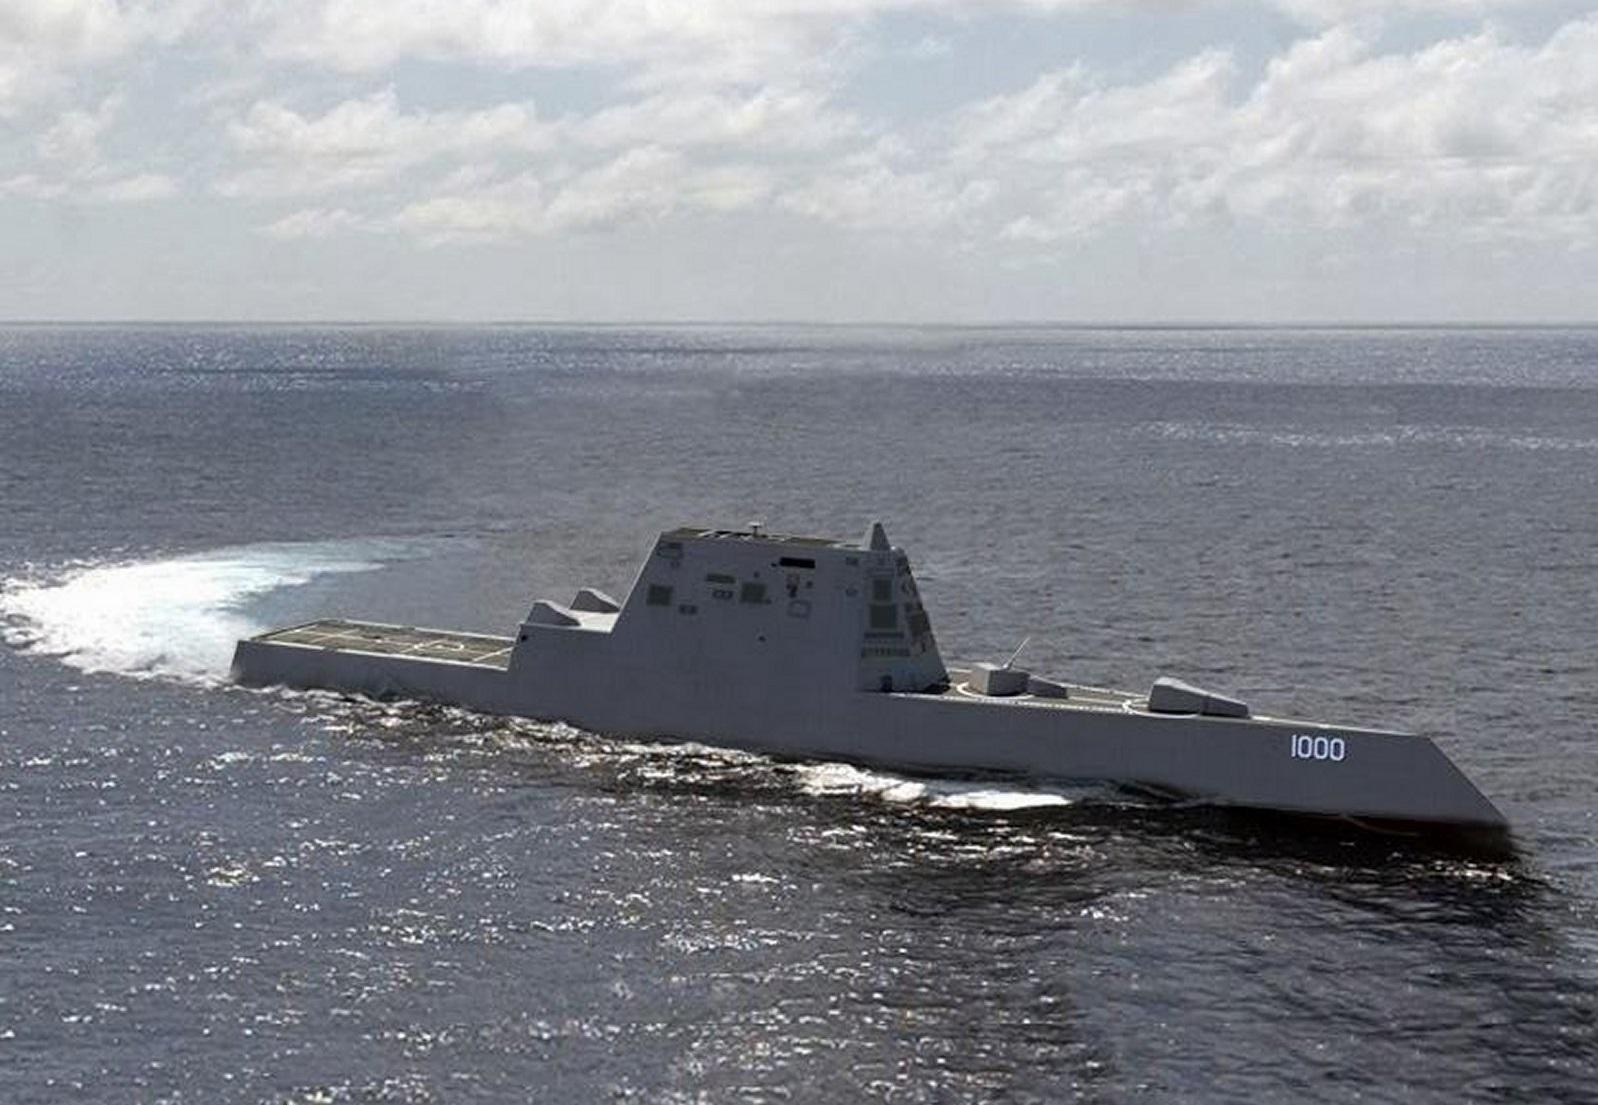 Navy to Christen Future USS Zumwalt, New Class of Destroyer